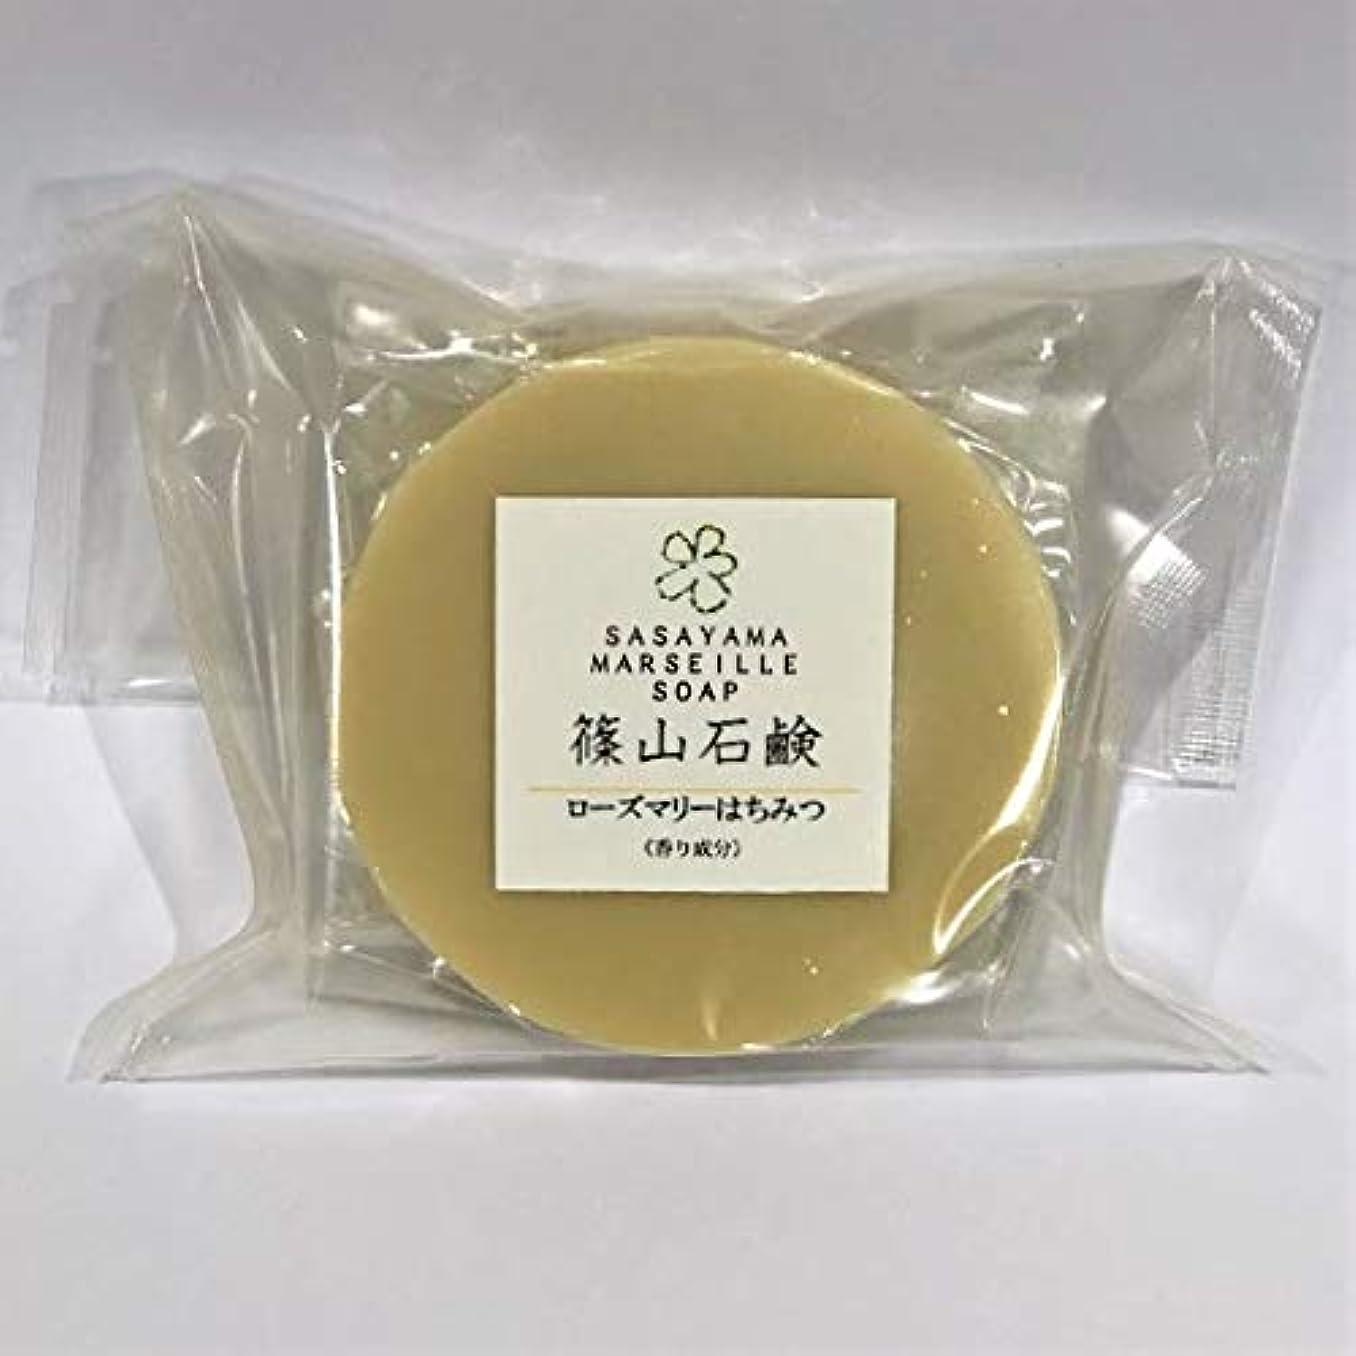 床アリーナ割り当てる篠山石鹸 はちみつローズマリー (2個)